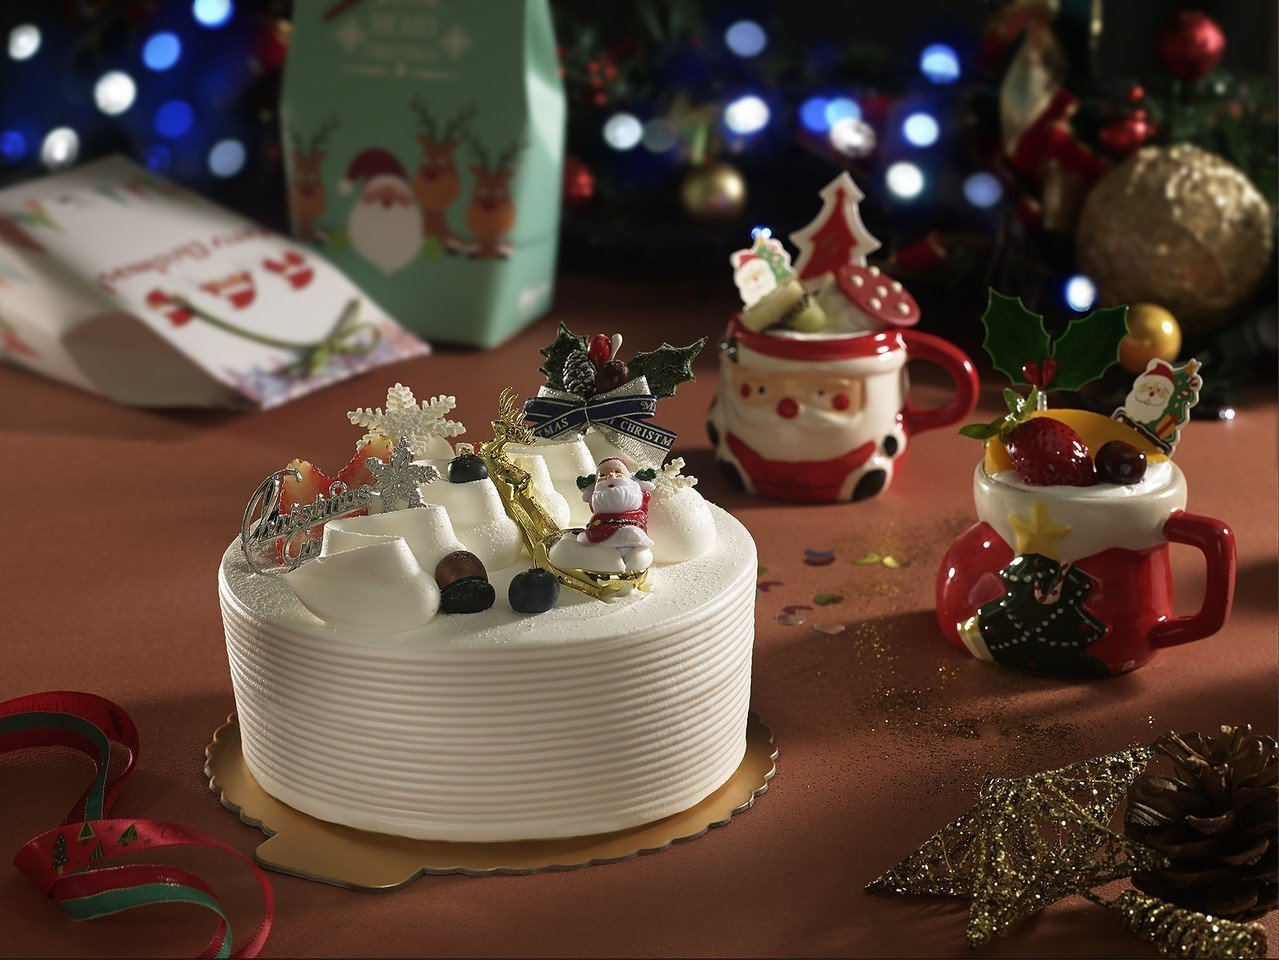 應景又療育的耶誕慕斯瓷杯,是詢問度高的派對應景商品。一之軒/提供